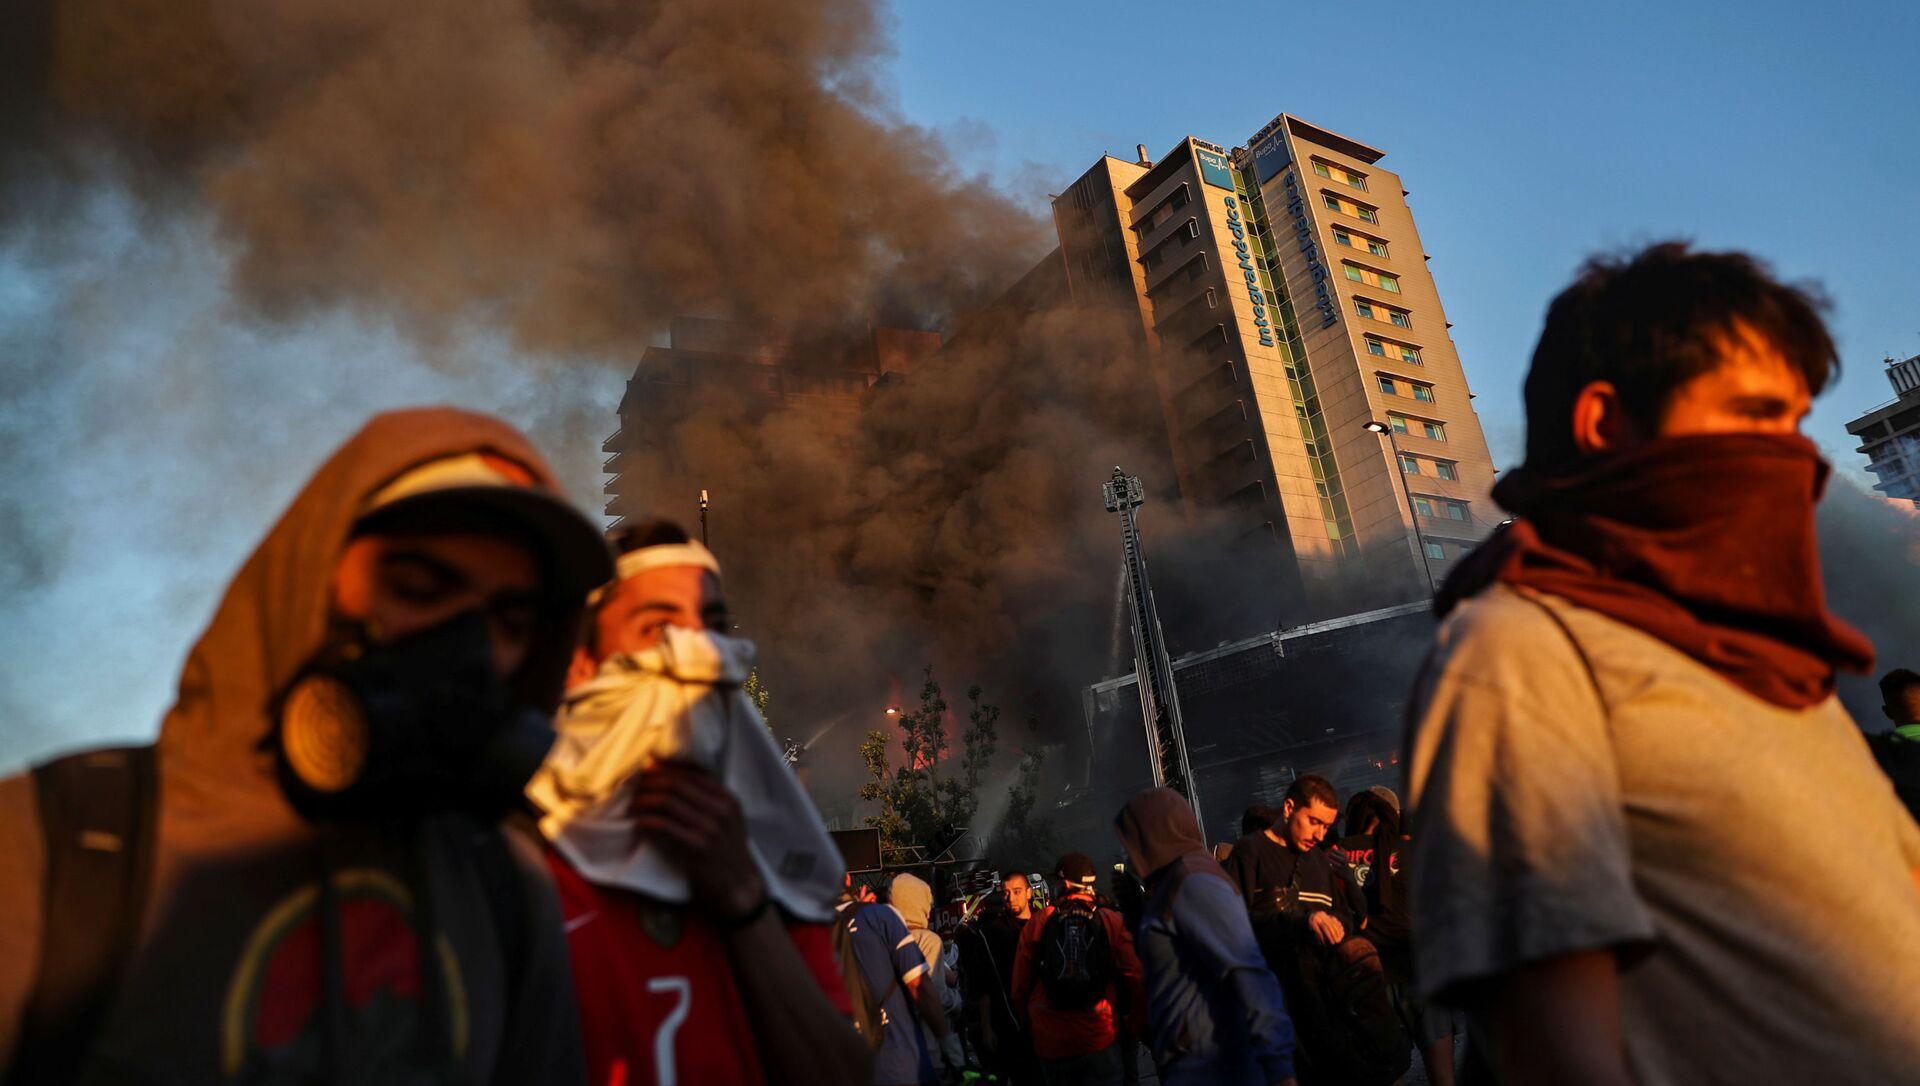 Protestas en Santiago, Chile - Sputnik Mundo, 1920, 29.10.2019